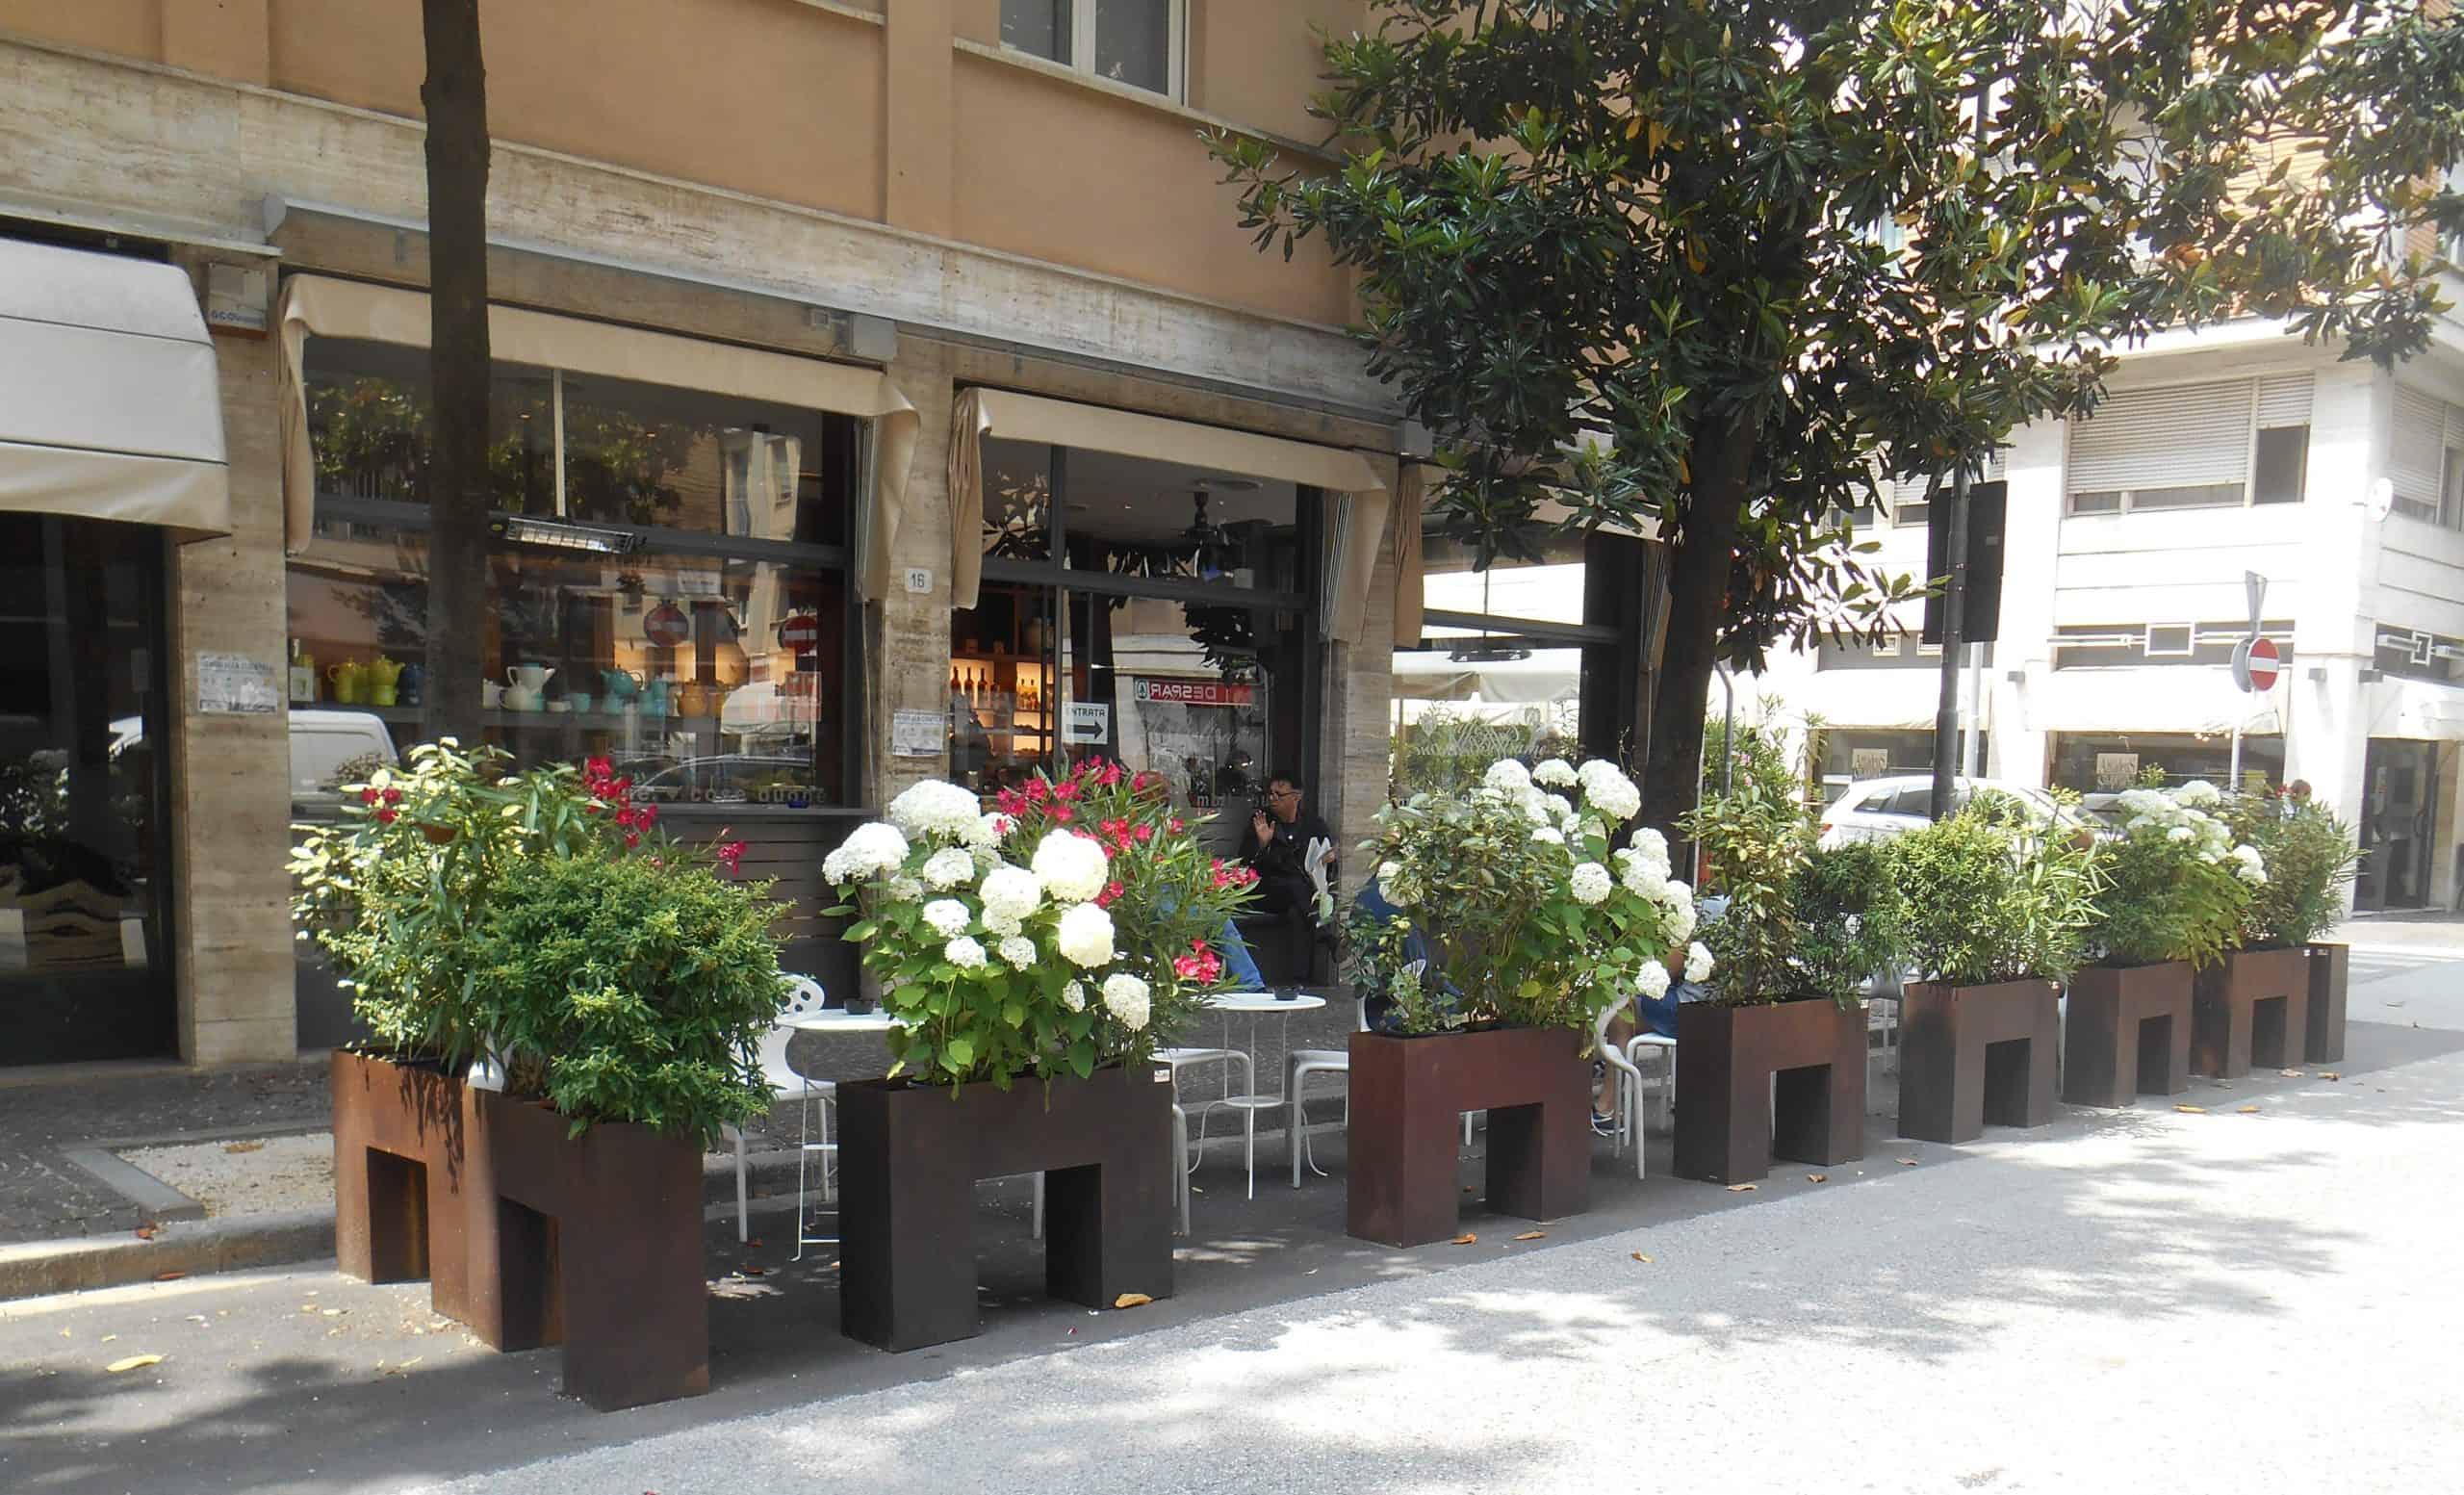 Una scelta green per ritrovarsi in sicurezza nei locali di Udine, firmata Il Giardino di Corten